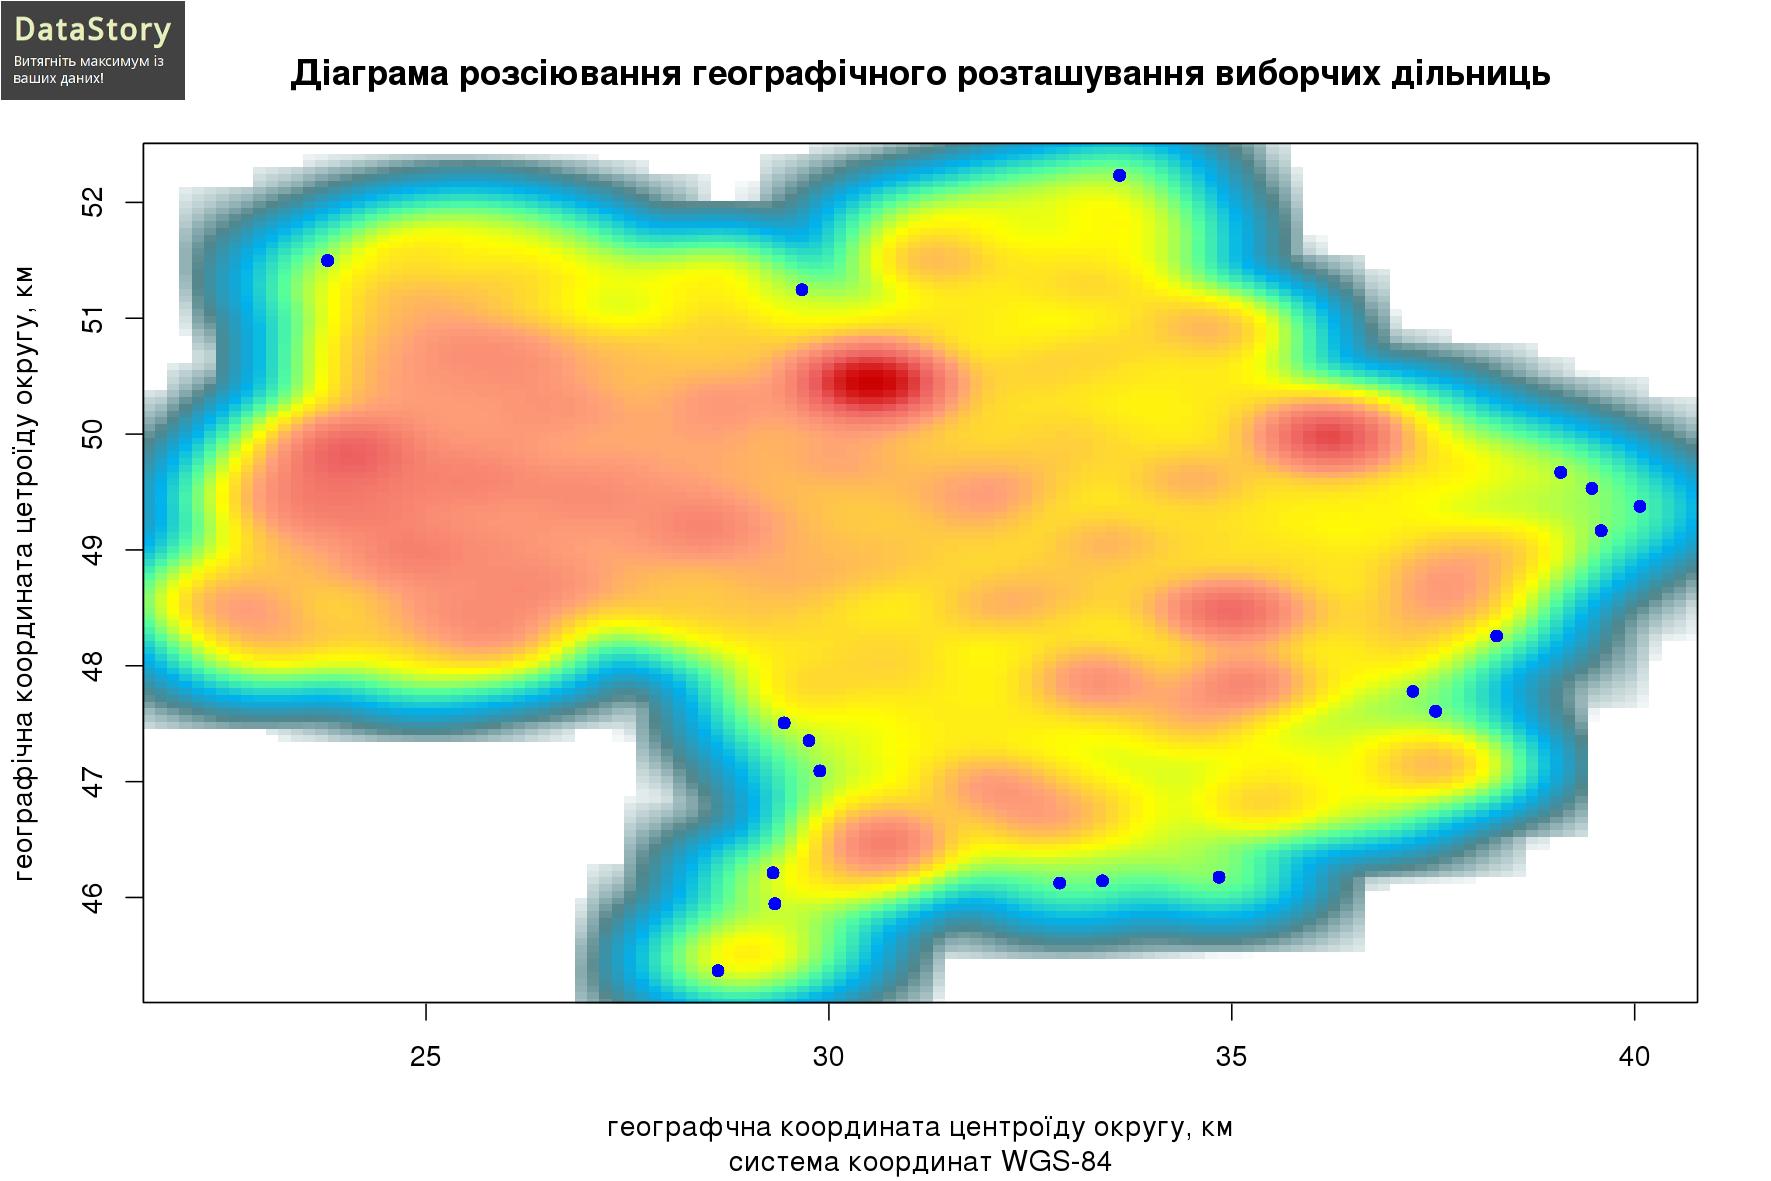 Діаграма розсіювання географічного розташування виборчих дільниць